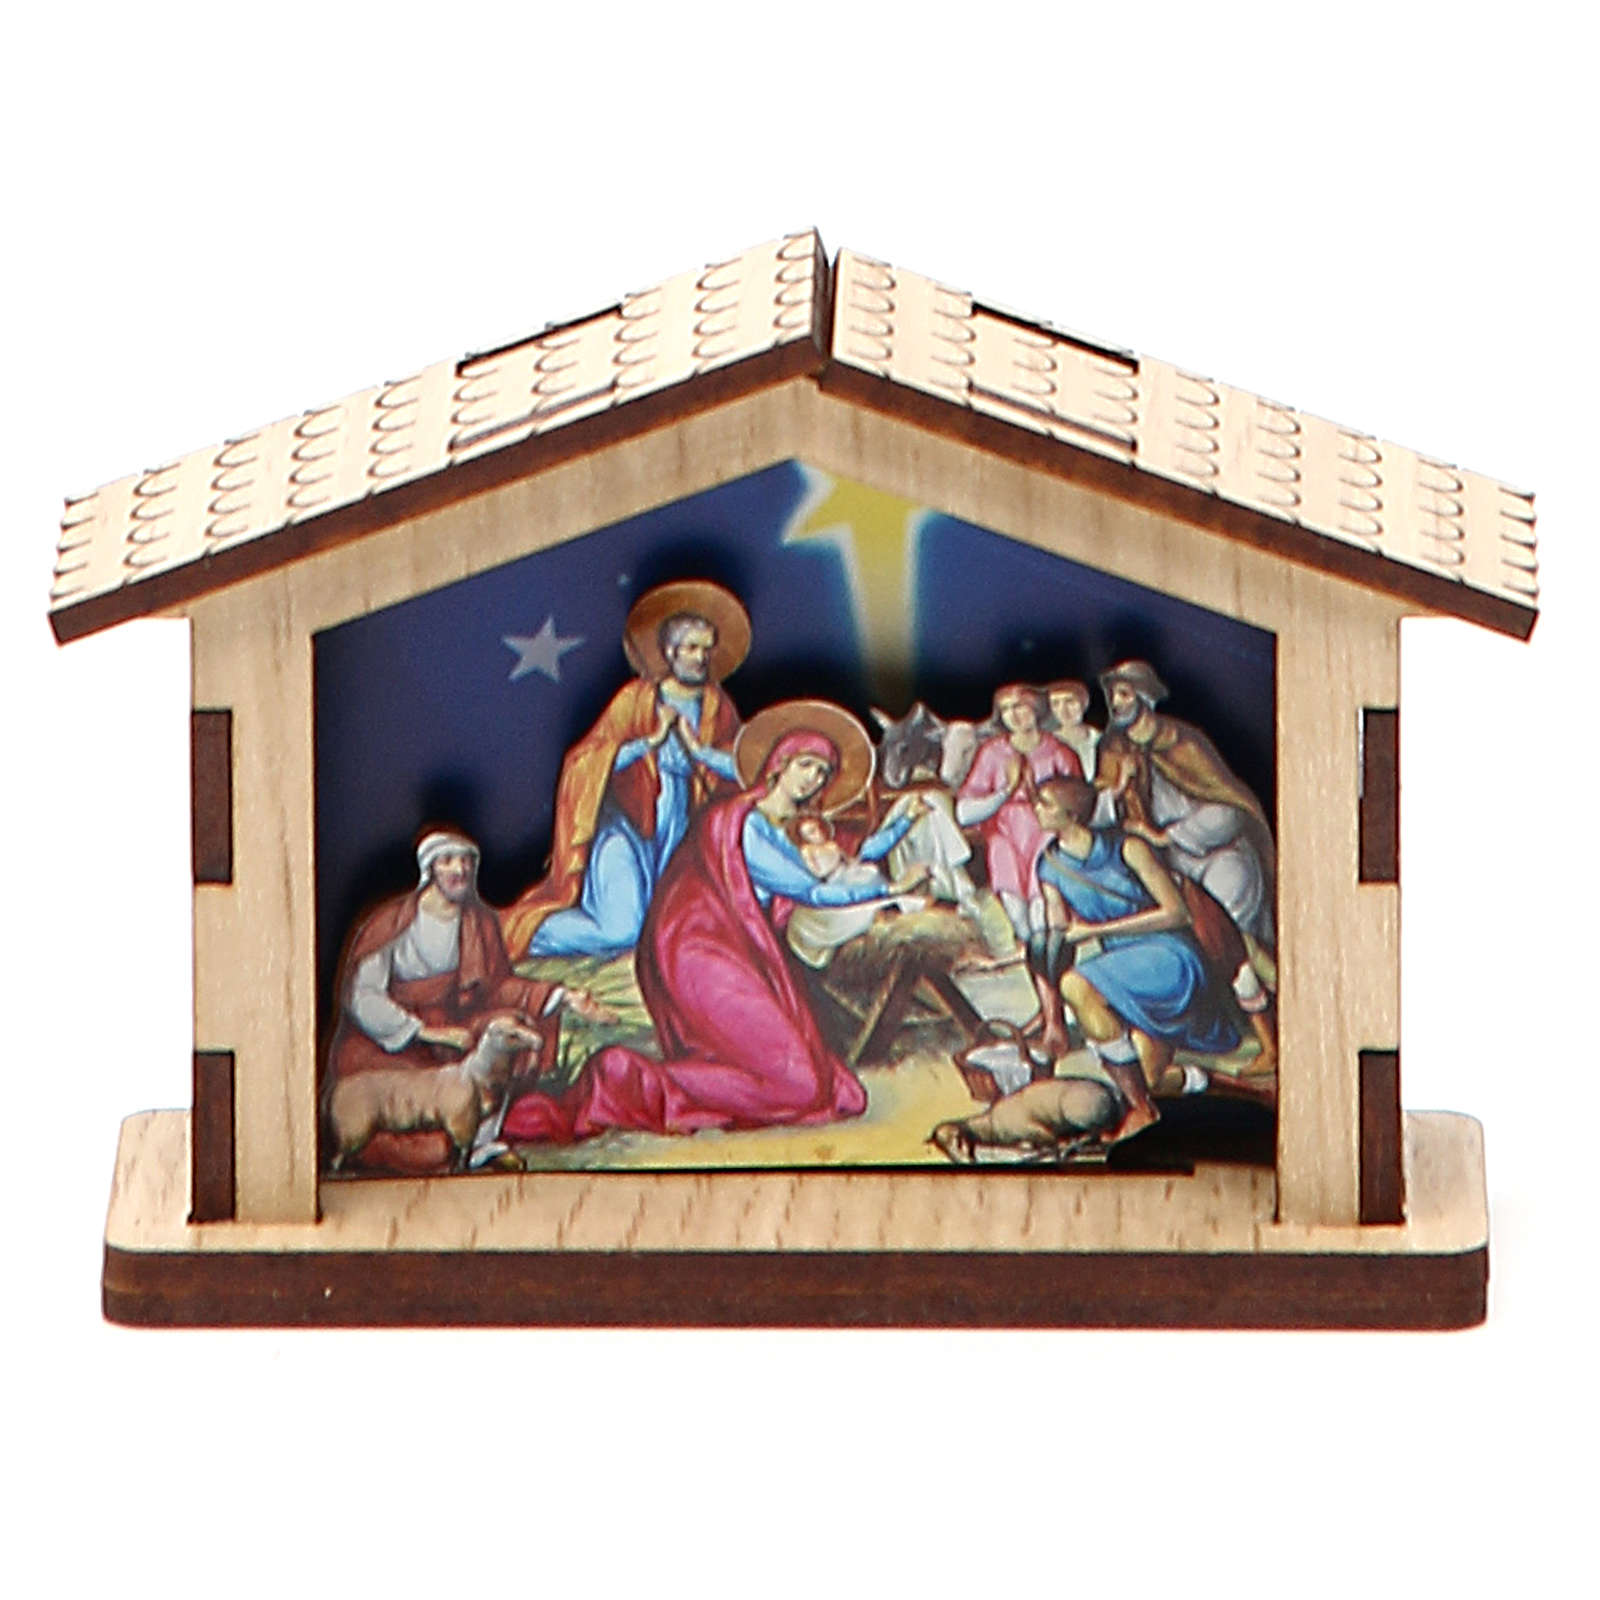 Mini Nativity Scene Holy Family made of wood 3